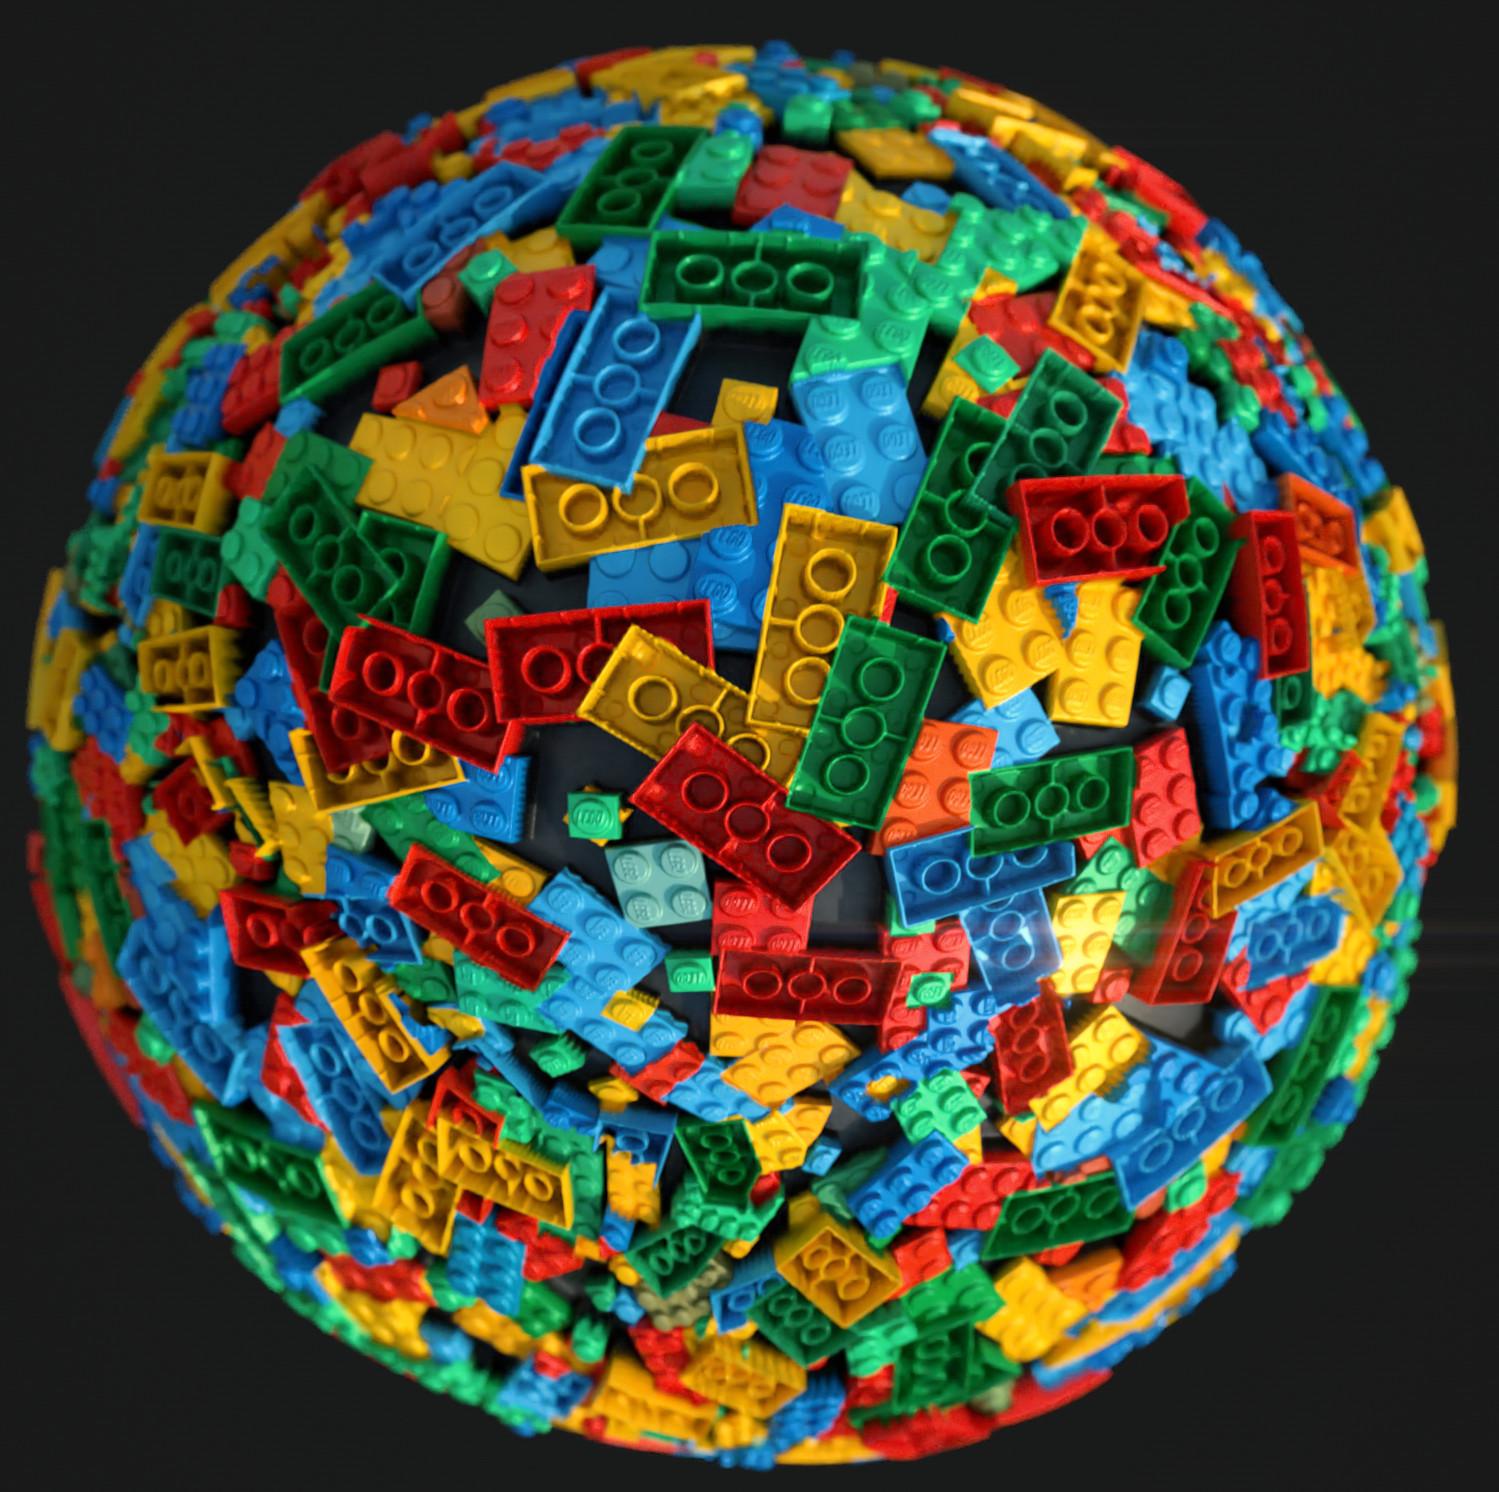 Marcelo souza spherified lego01